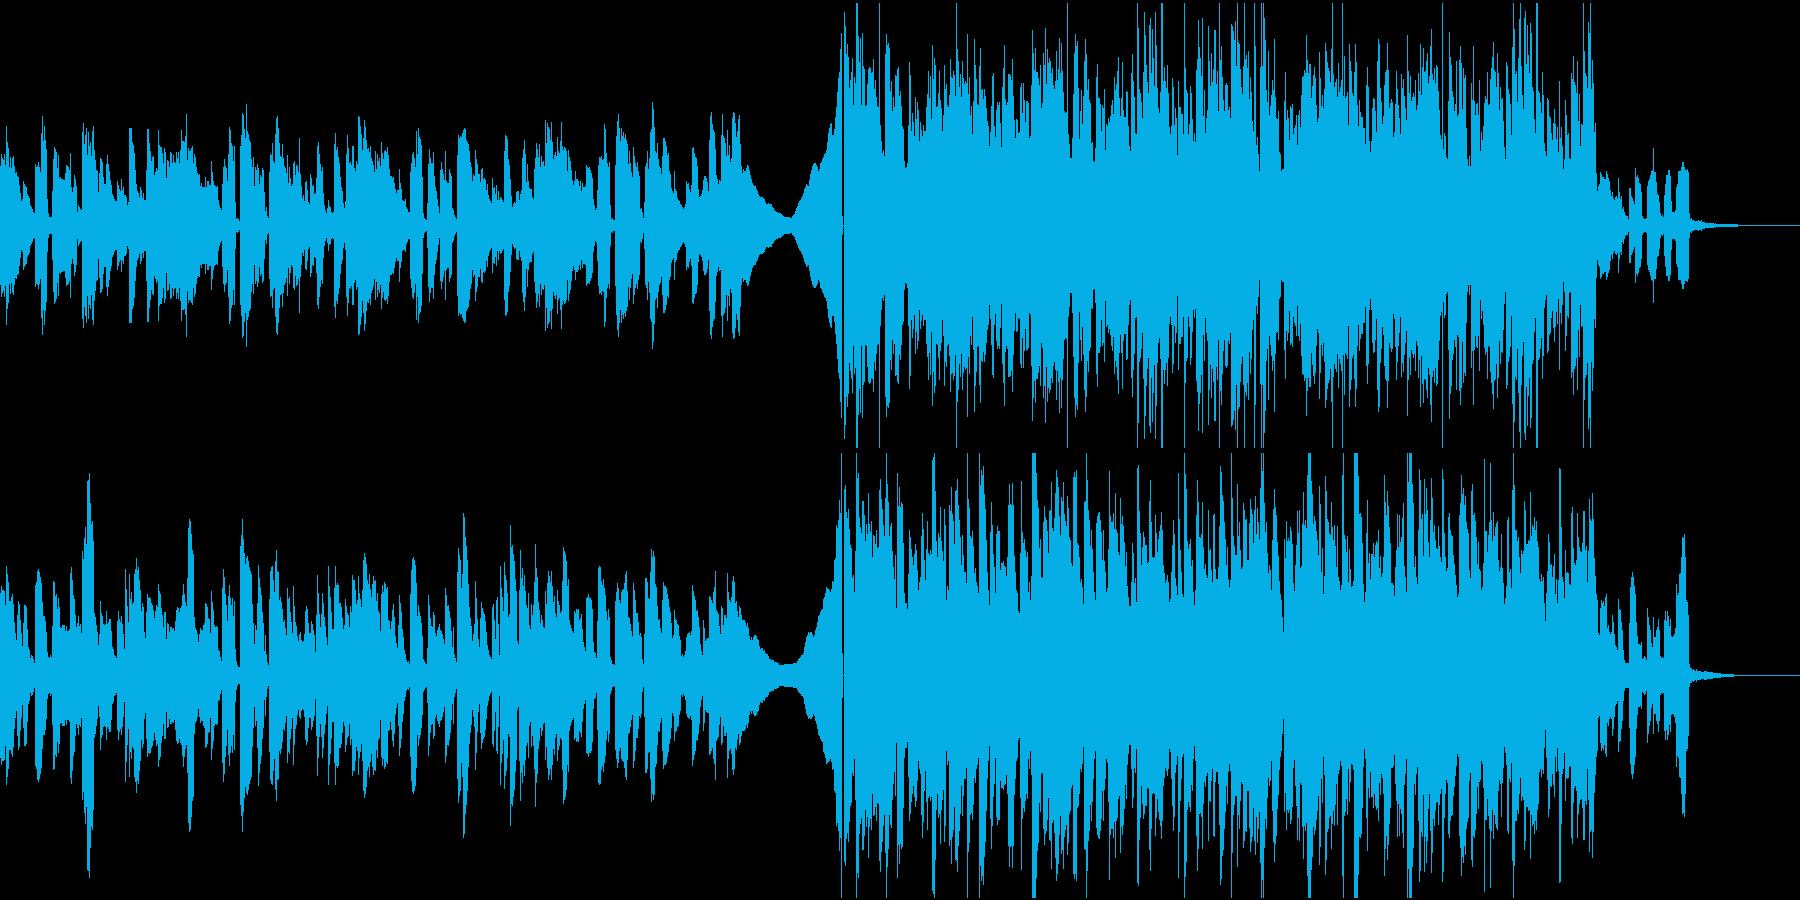 企業/商品紹介BGM④ハイテクxスマートの再生済みの波形